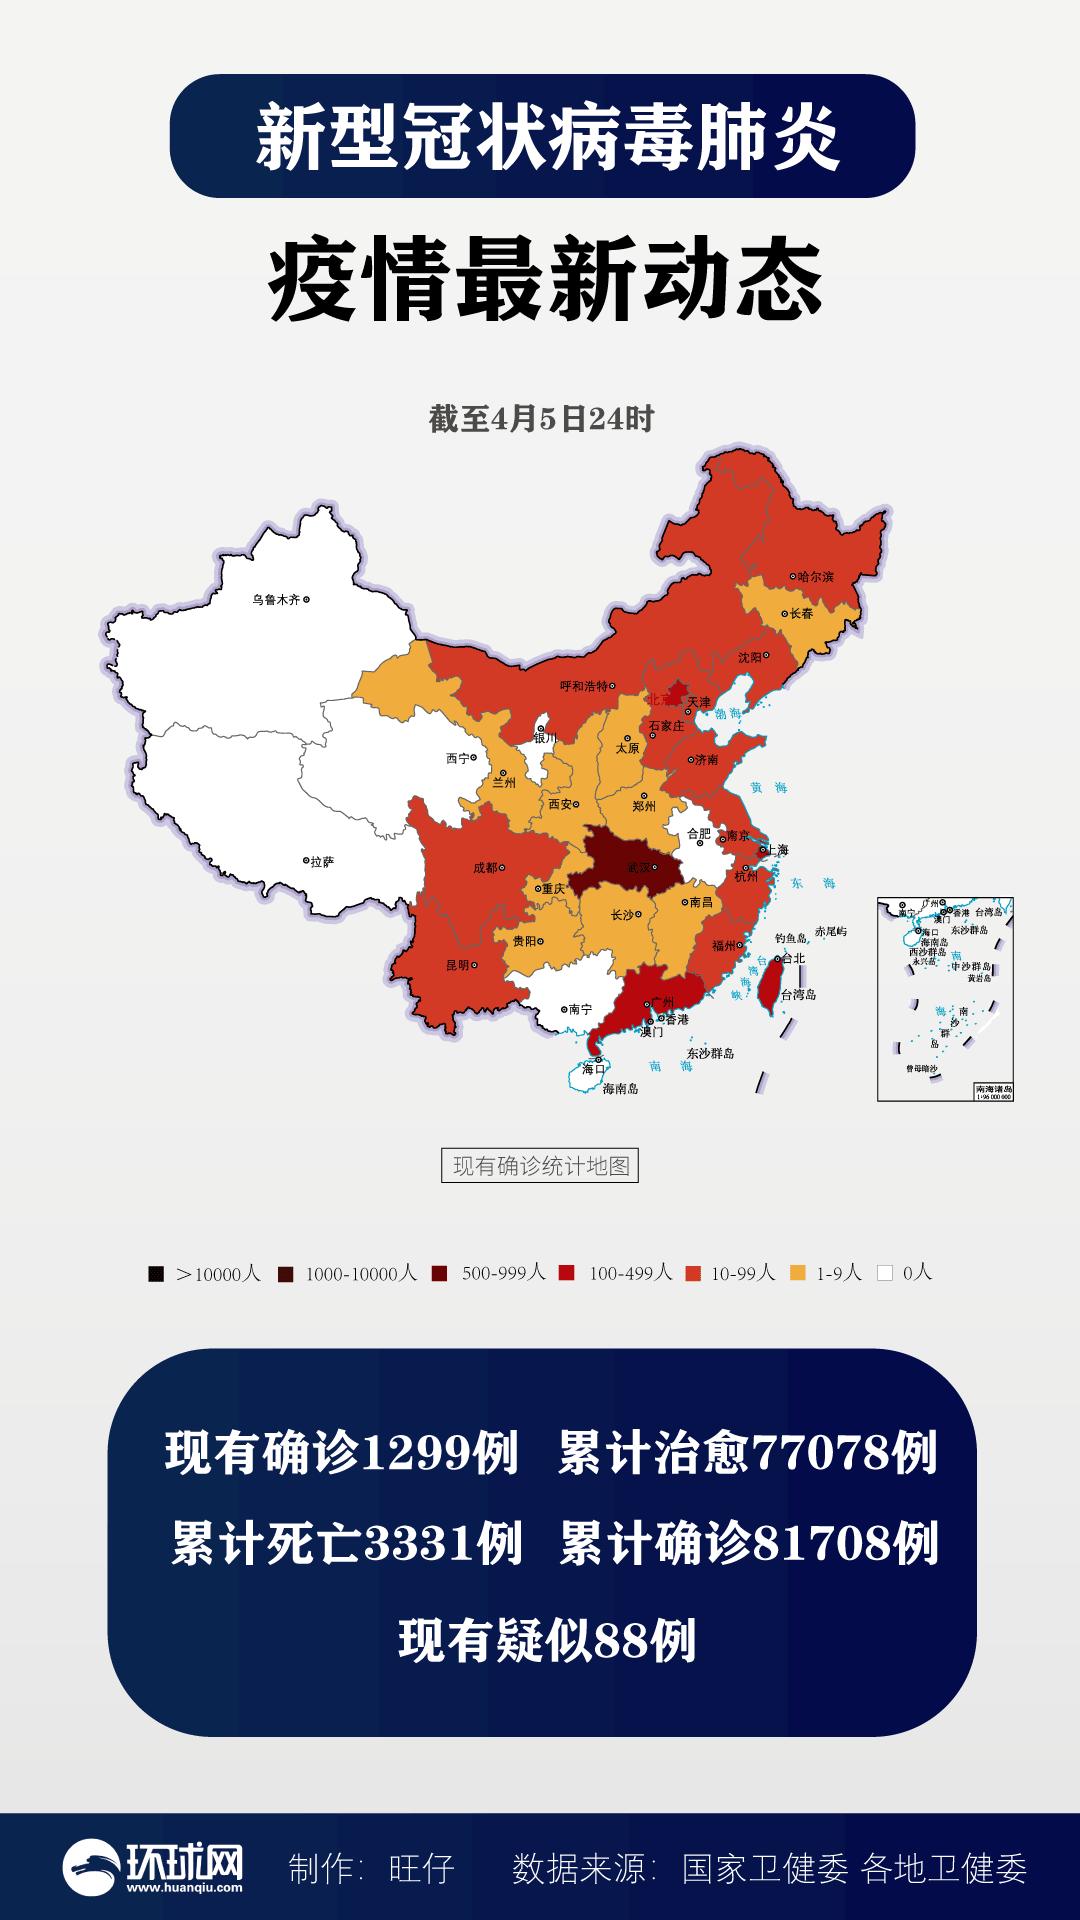 广东本土病例还在增加,黑龙江从